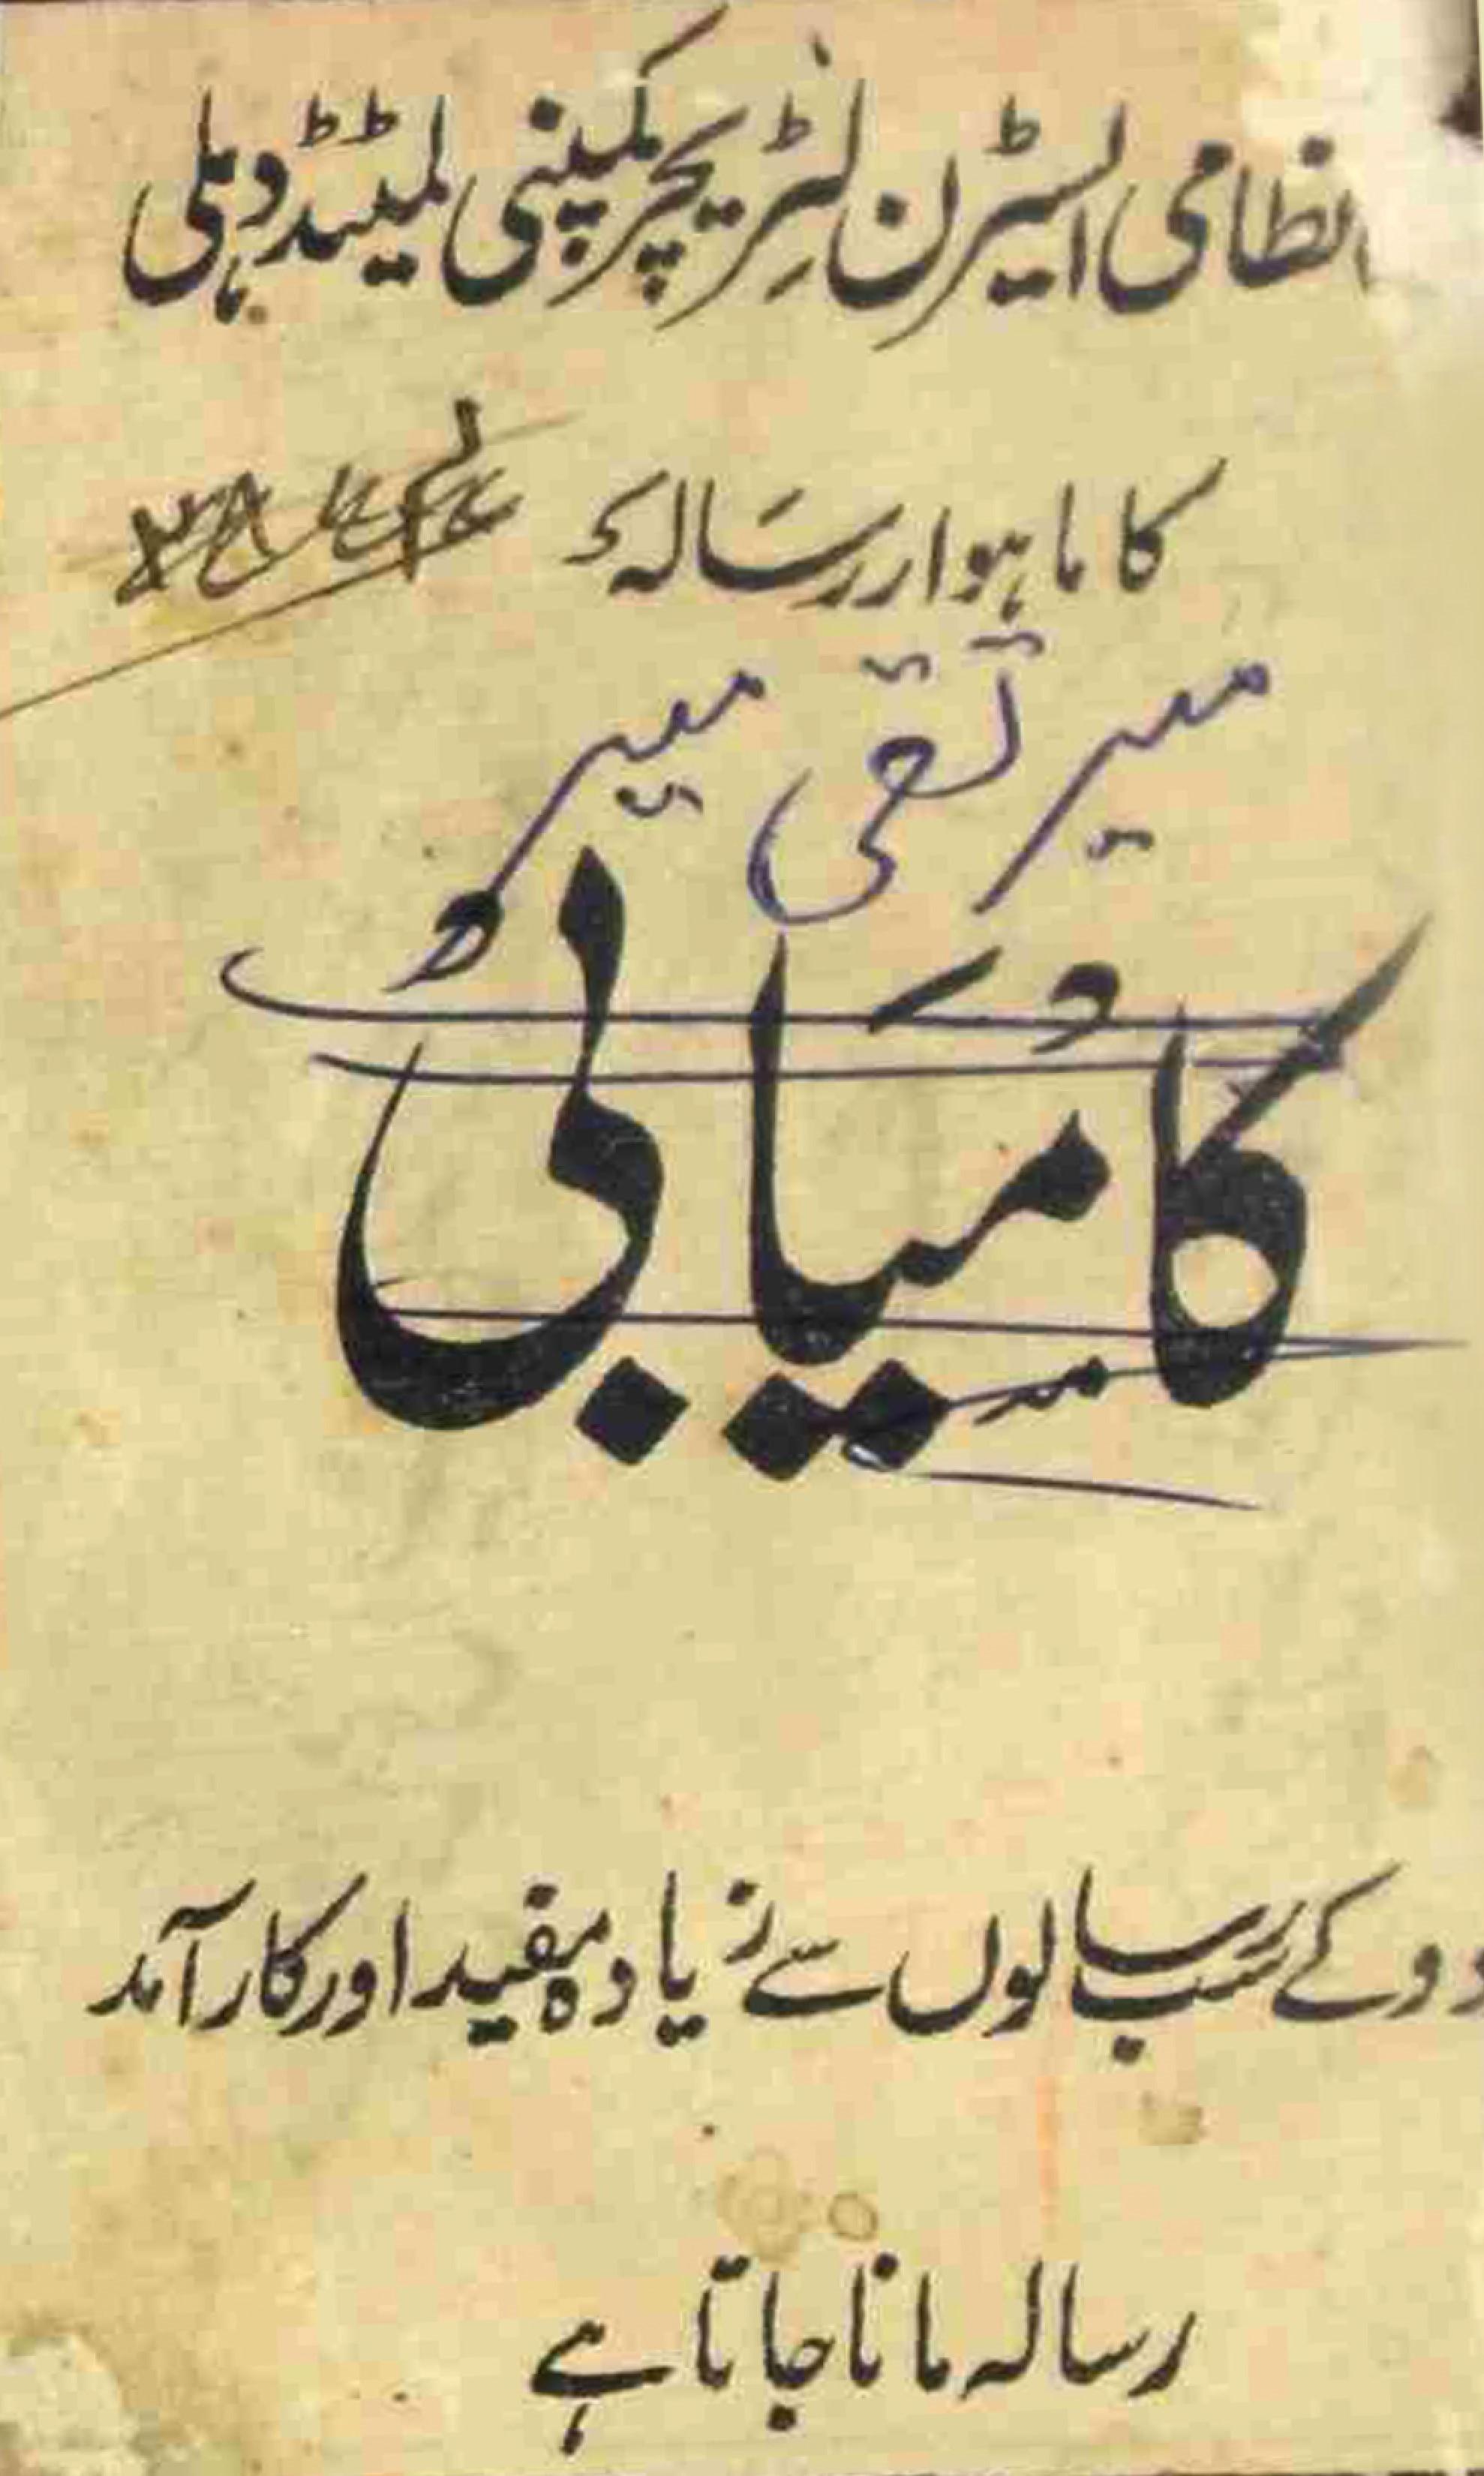 Meer Taqi Meer